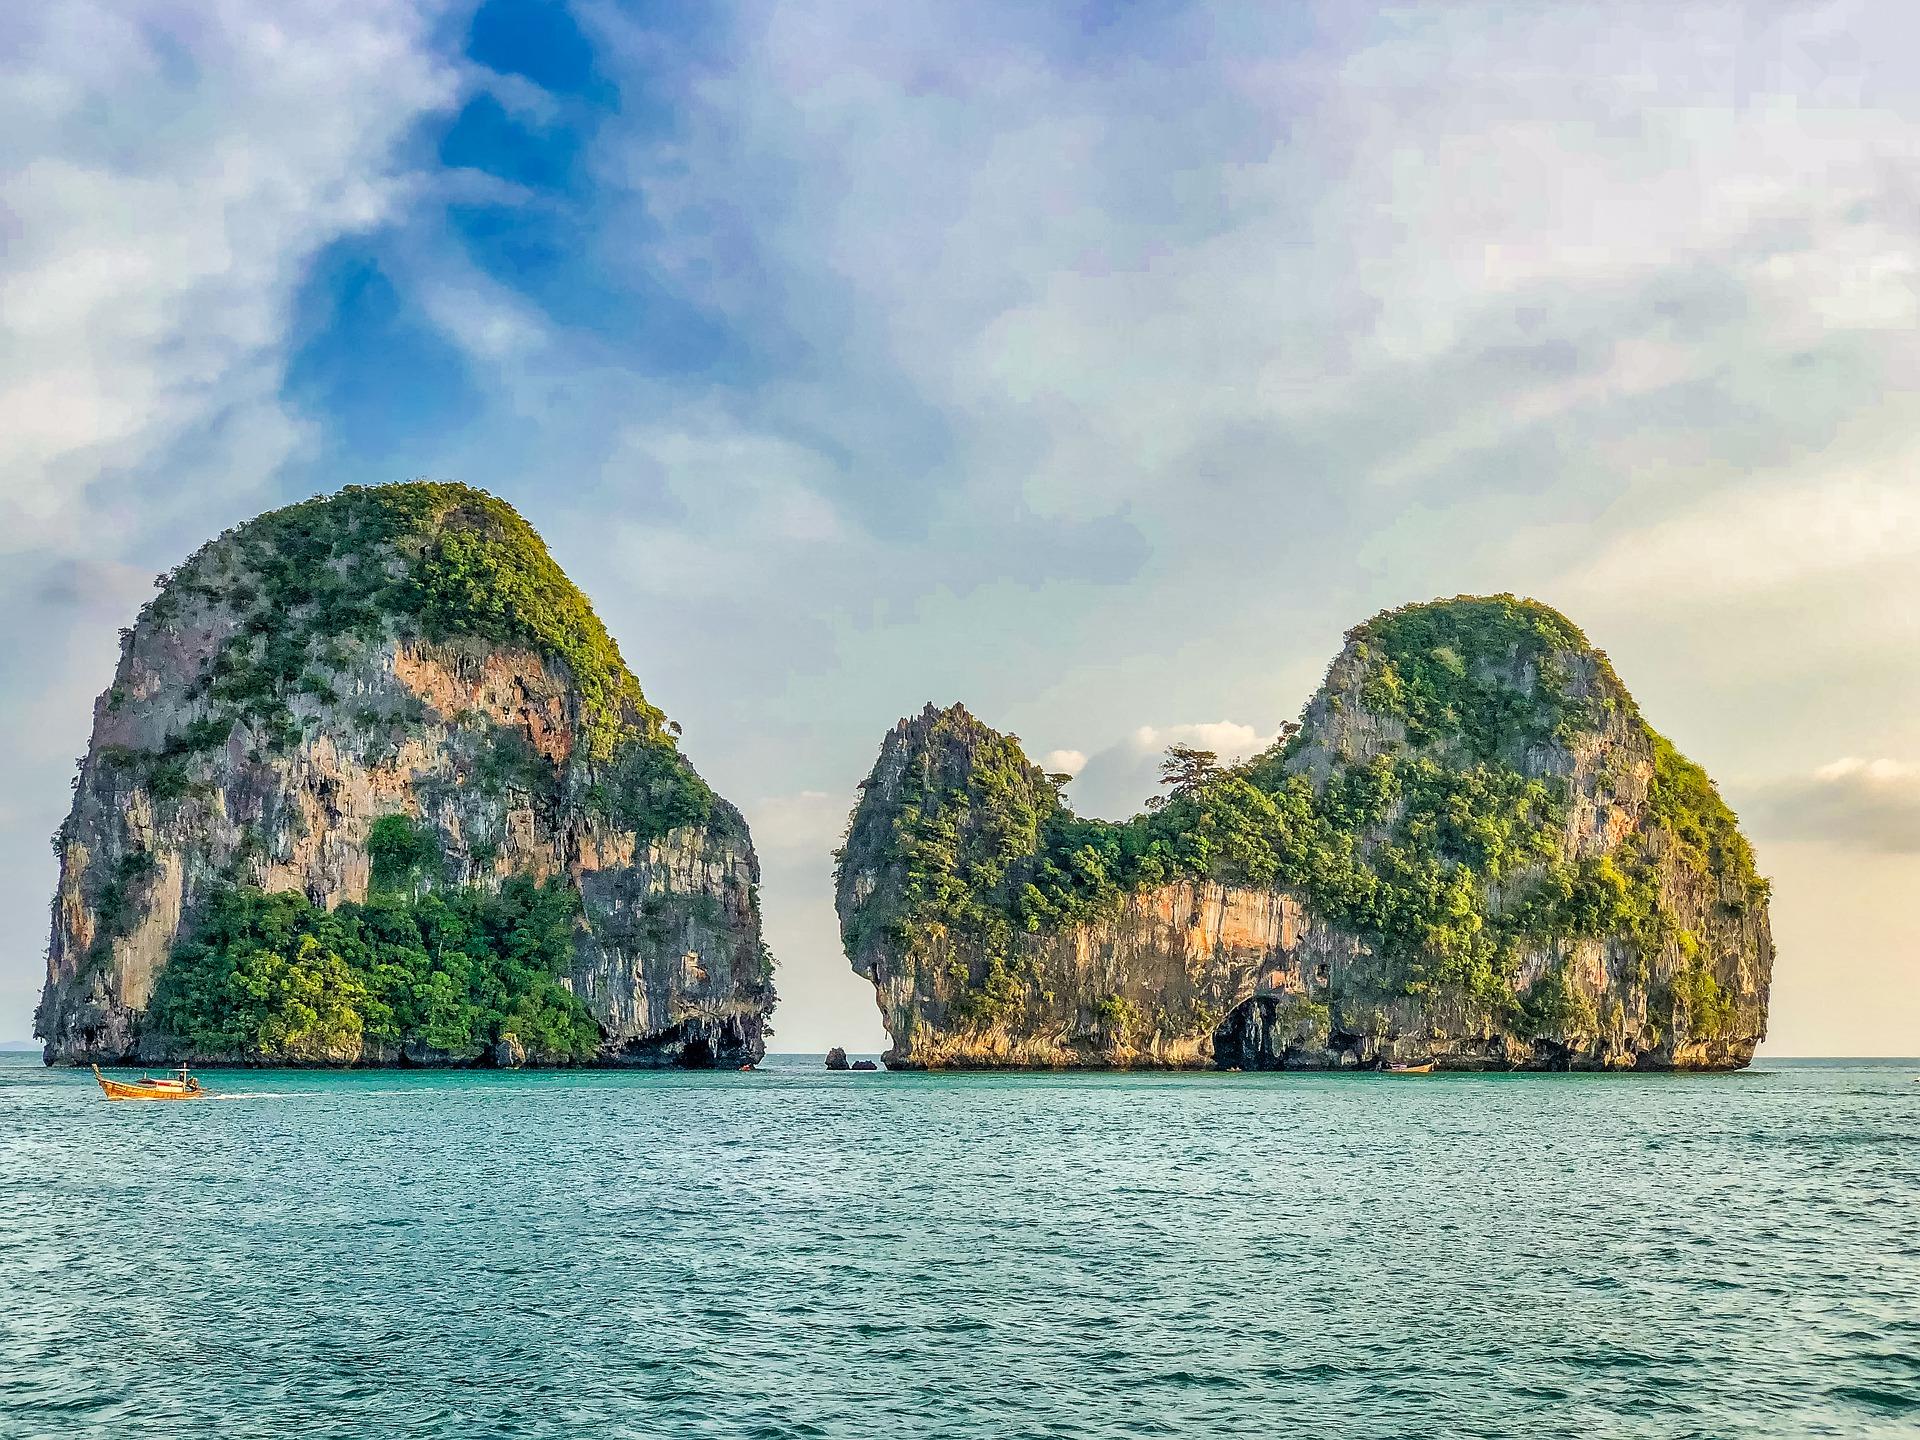 Railey_Beach_Thailande